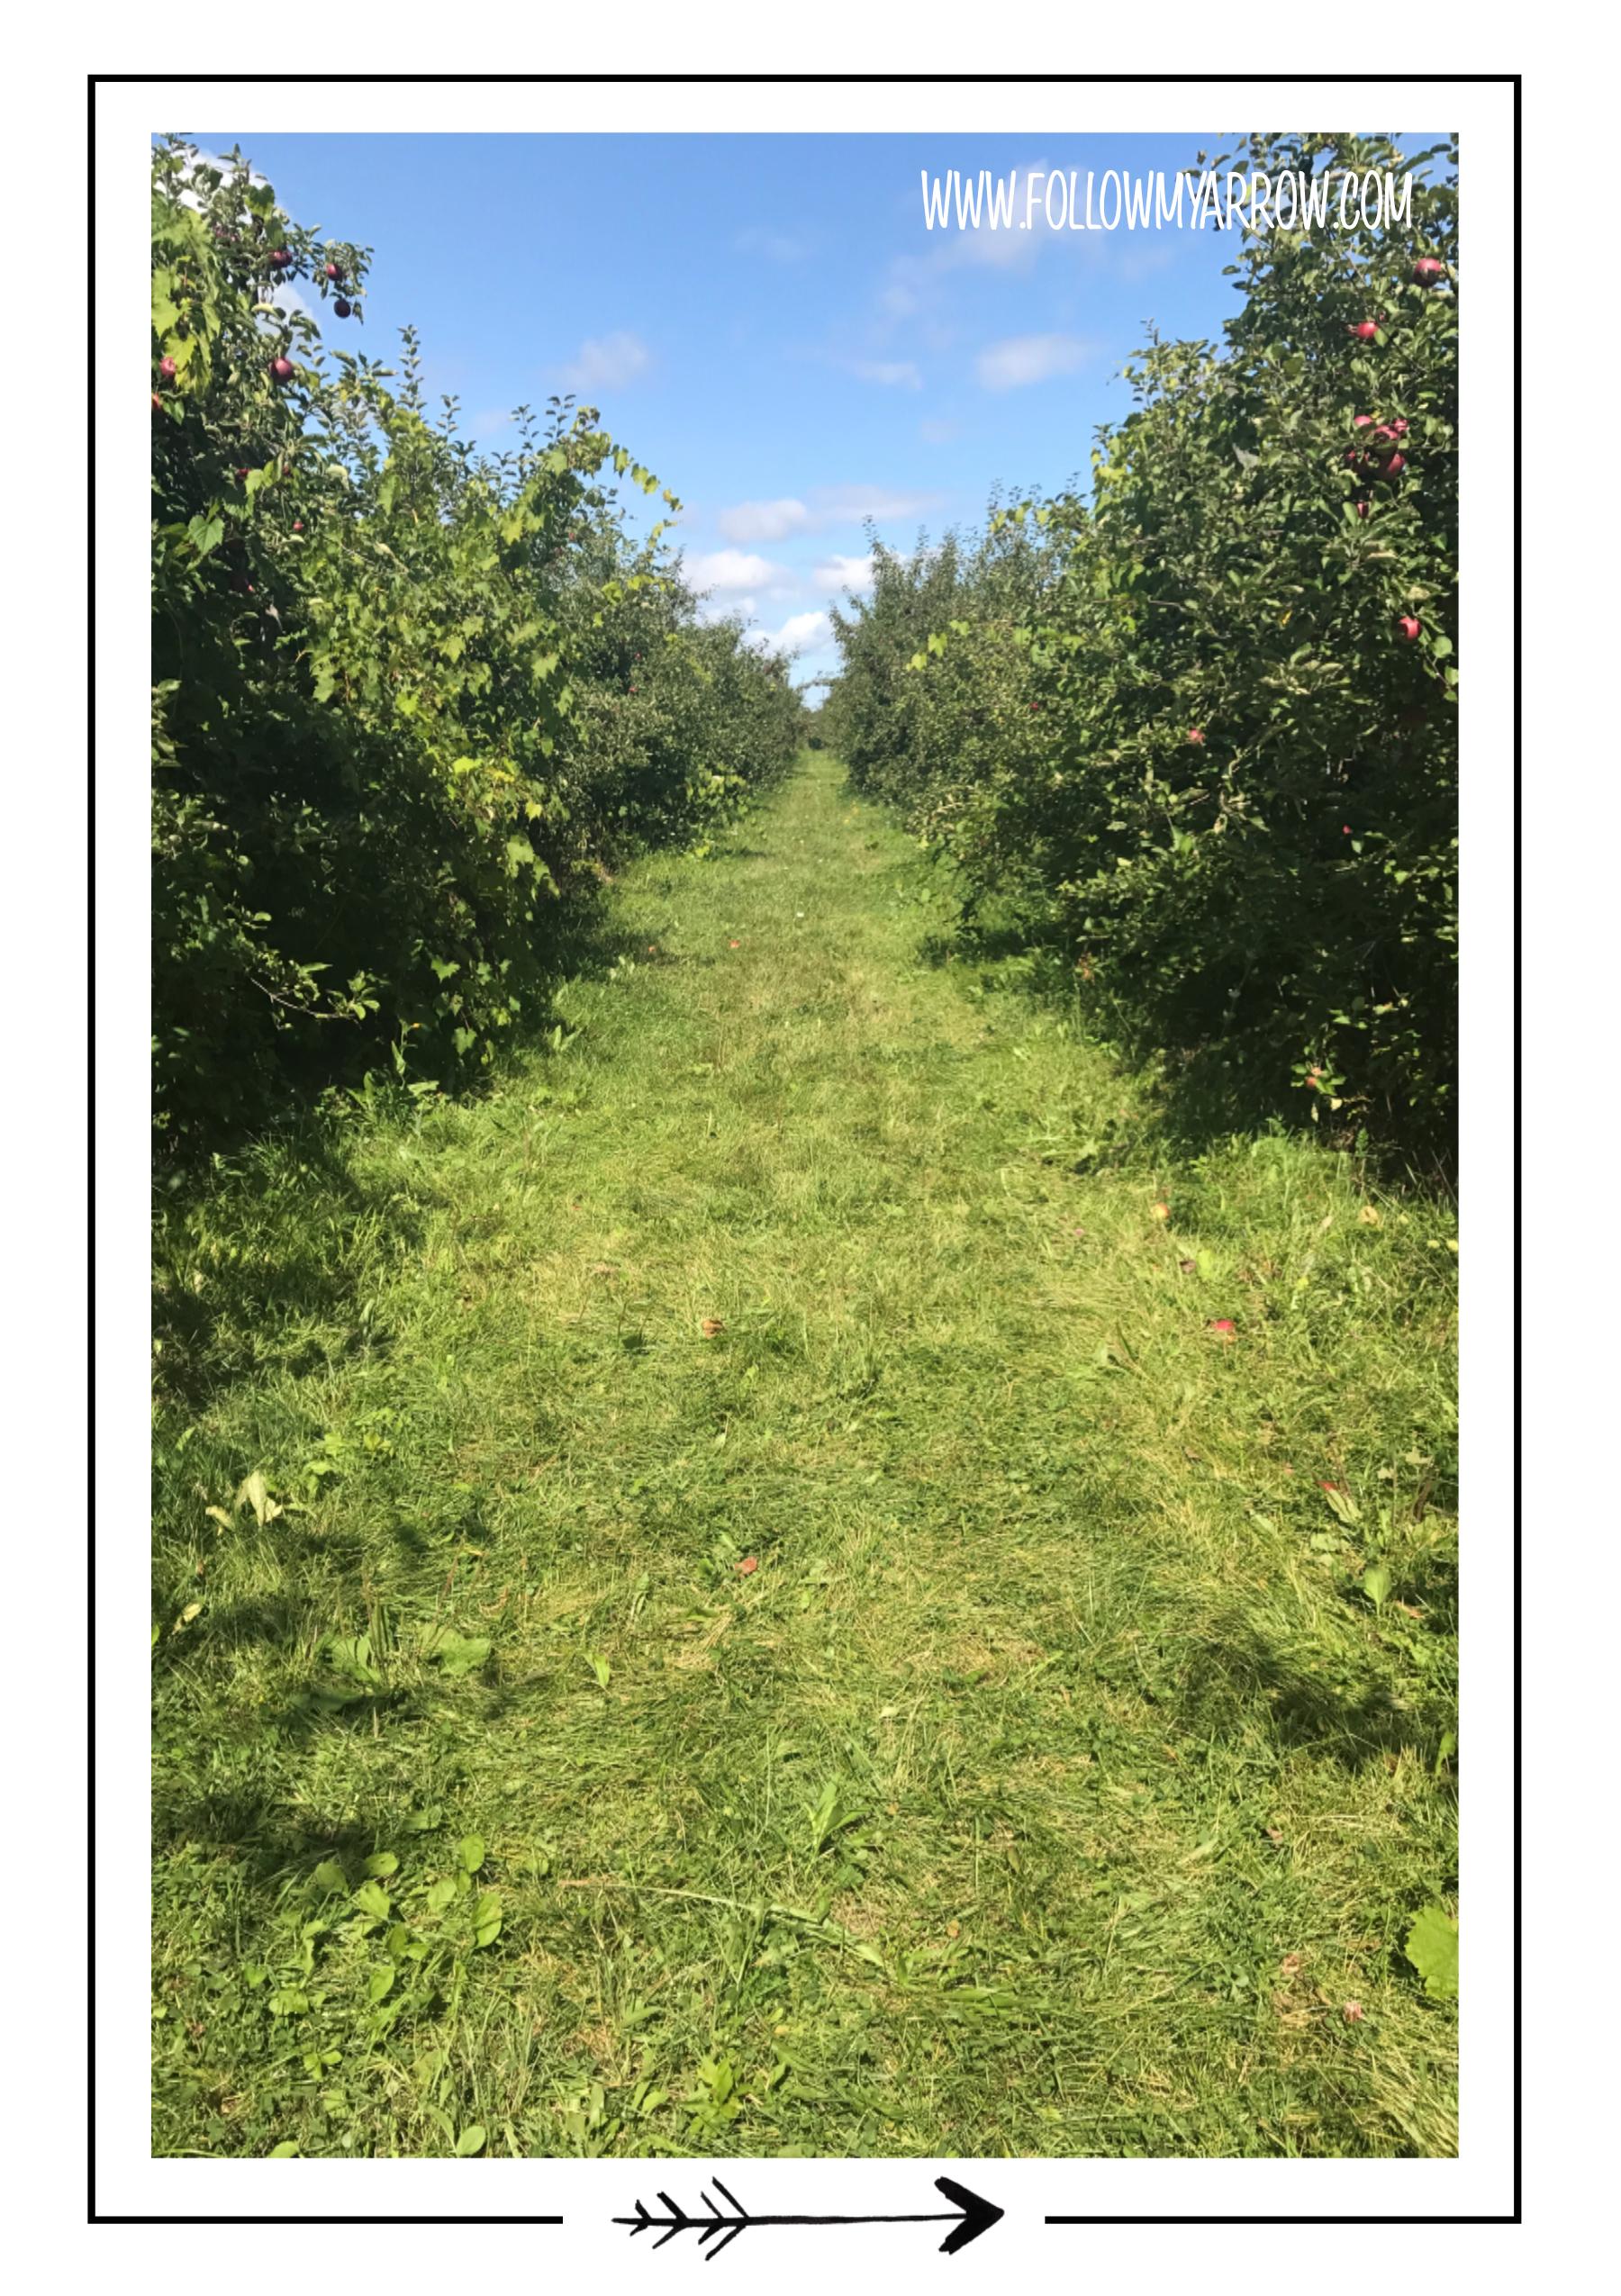 FMA-Apple-trees-